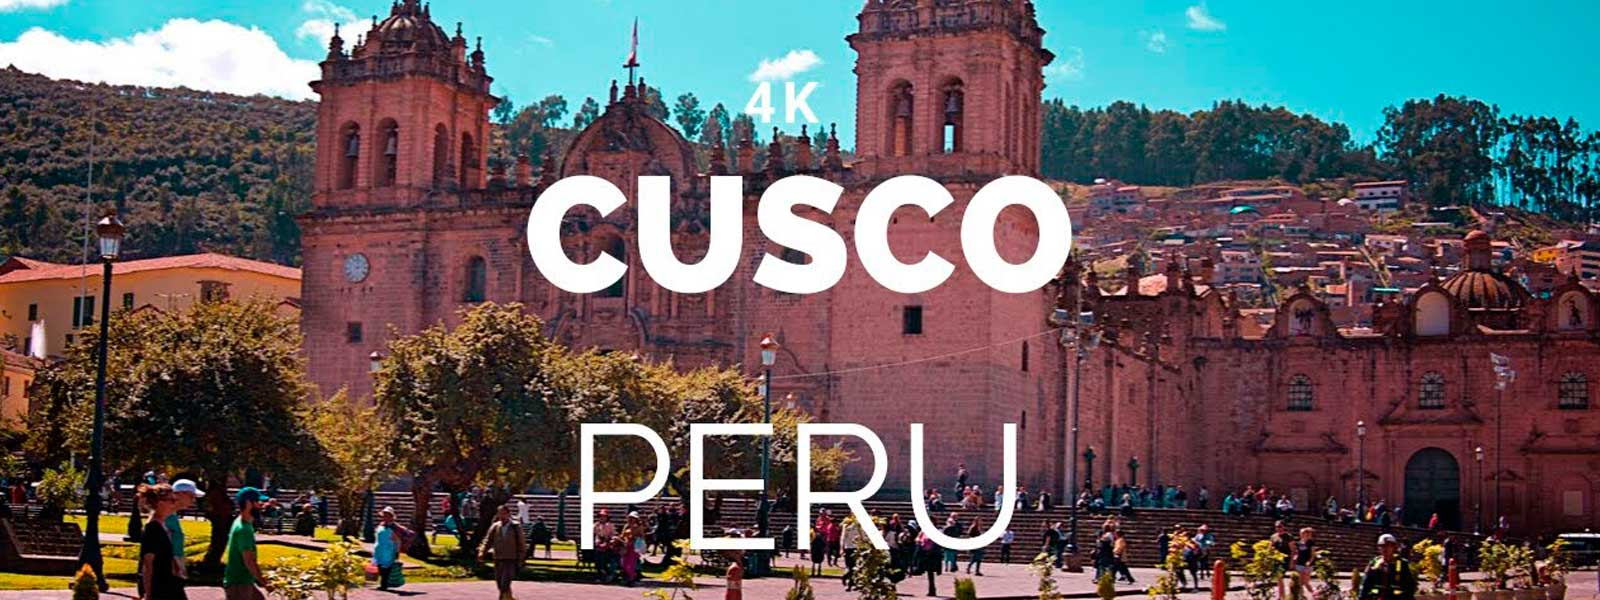 Peru & Cusco Information